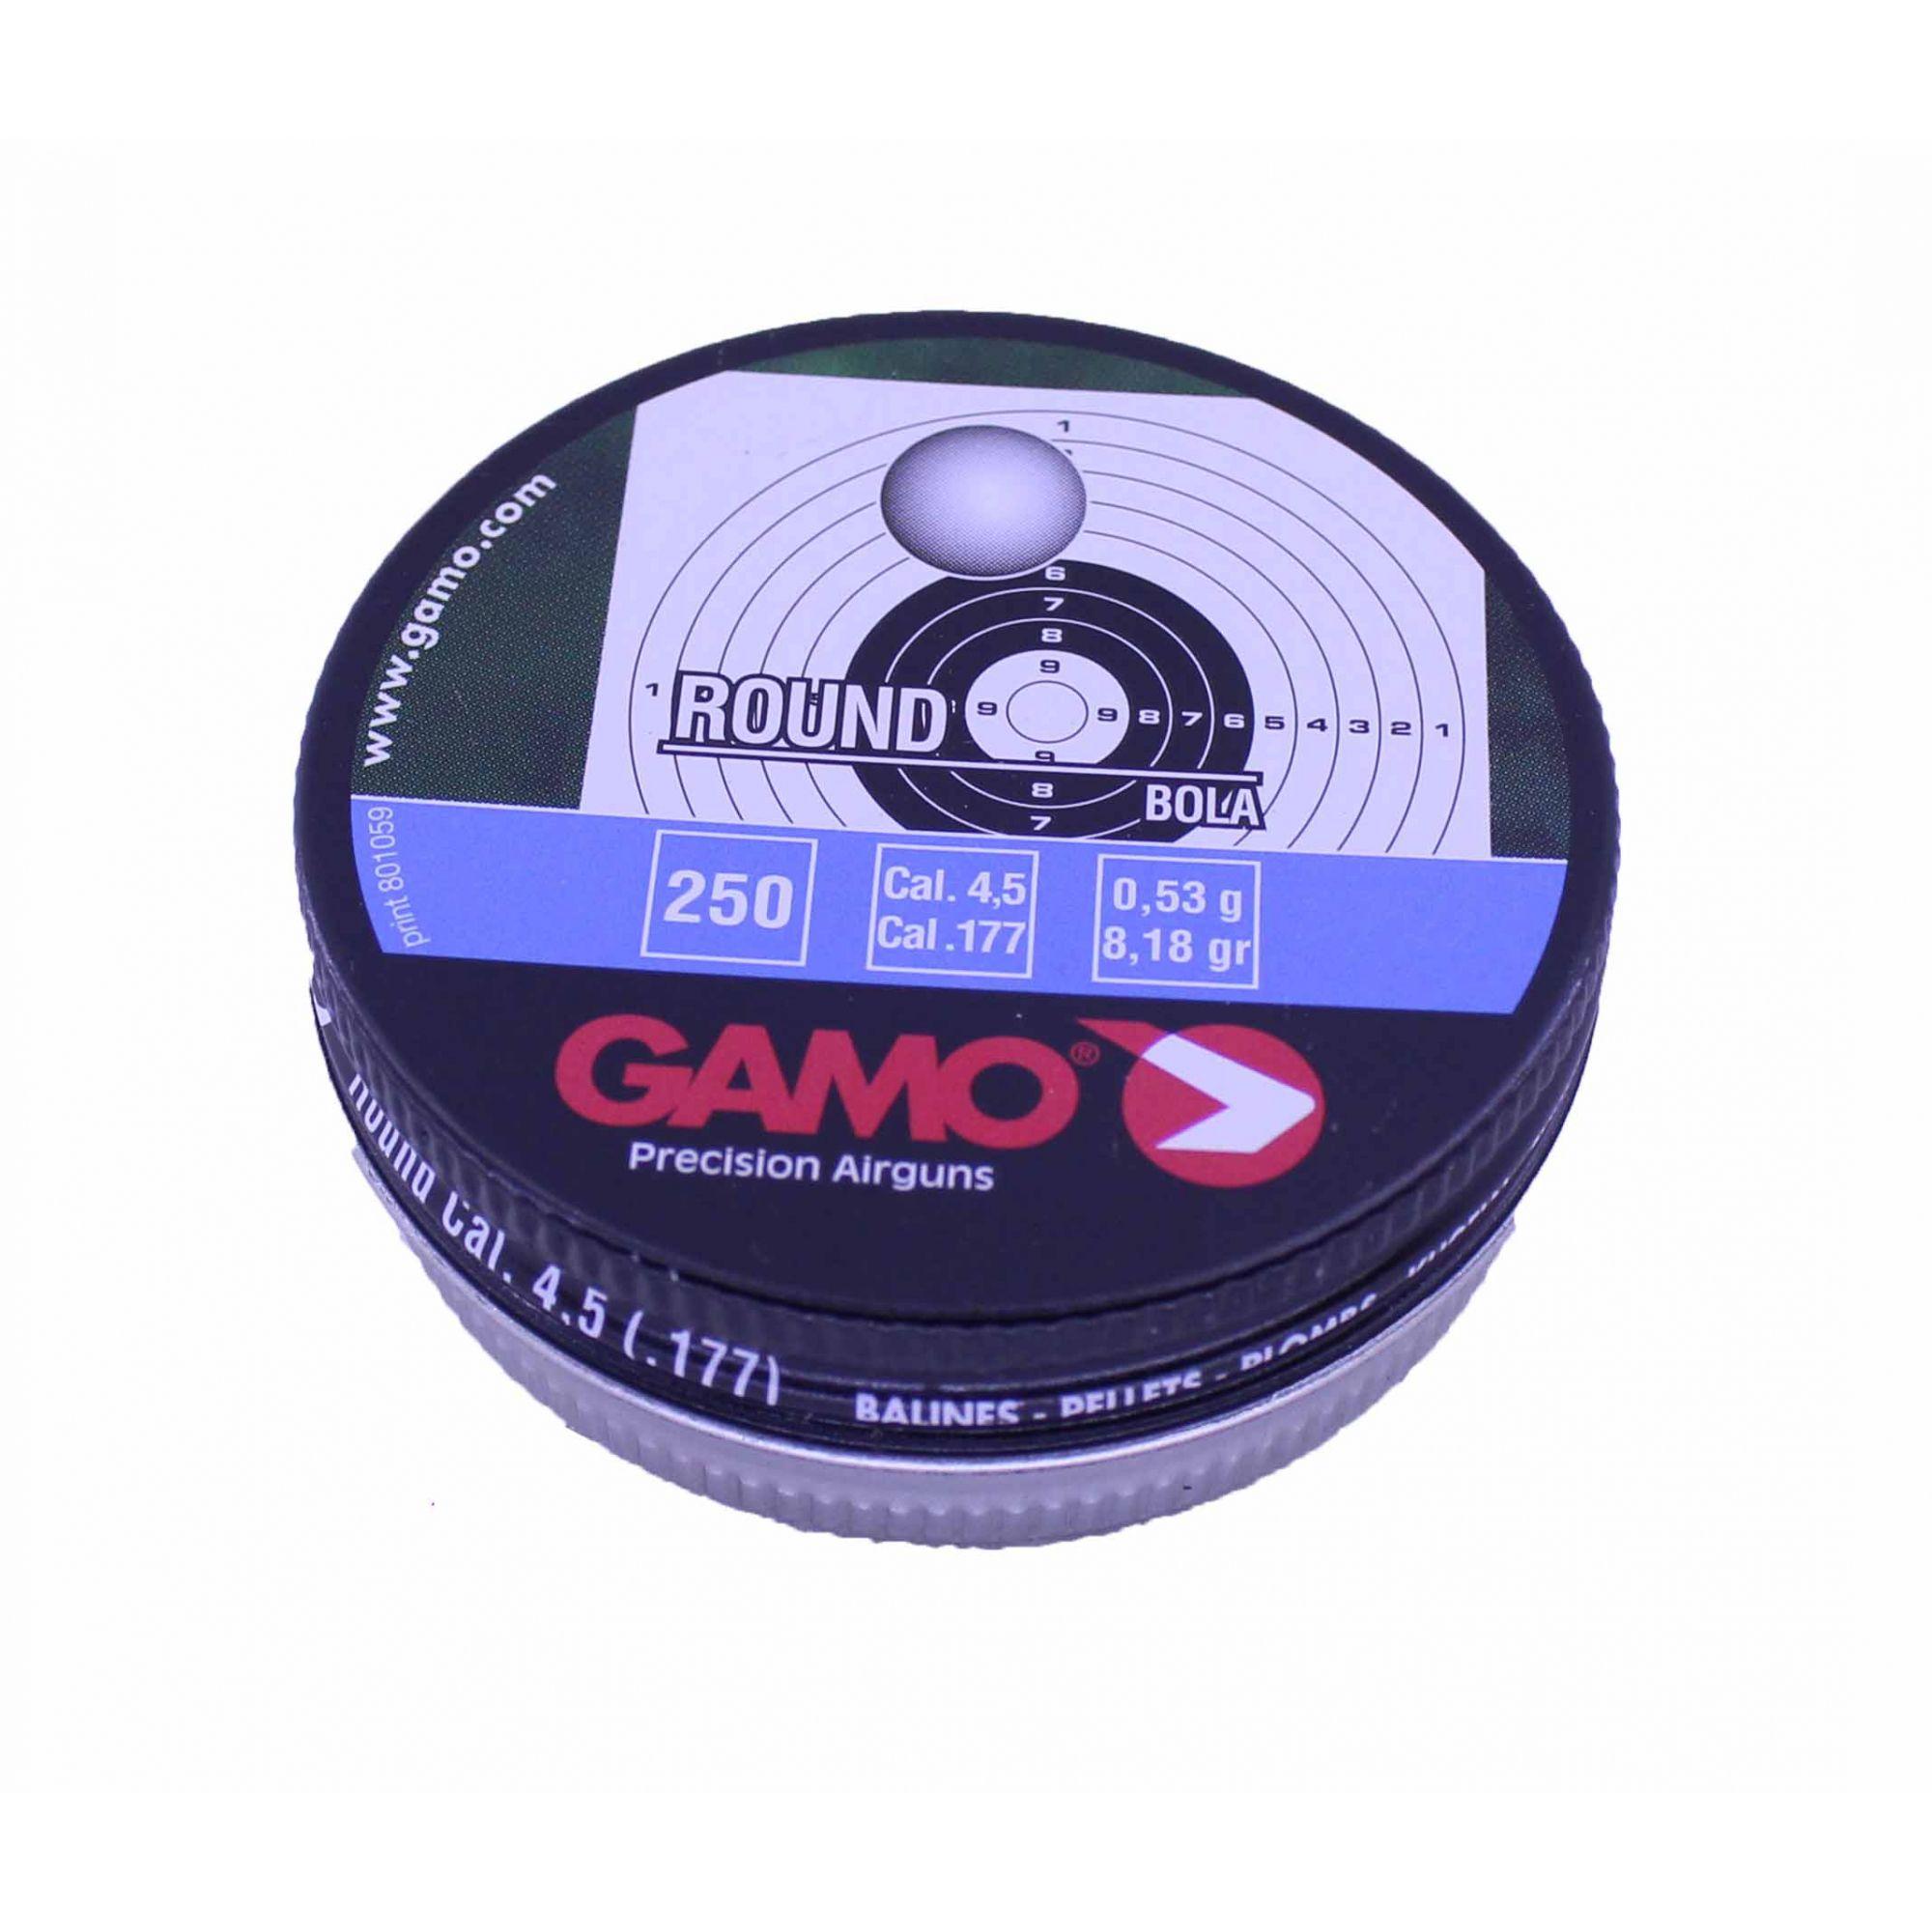 Esferas de Chumbo Gamo Round Bola 4,5mm/ Cal .177